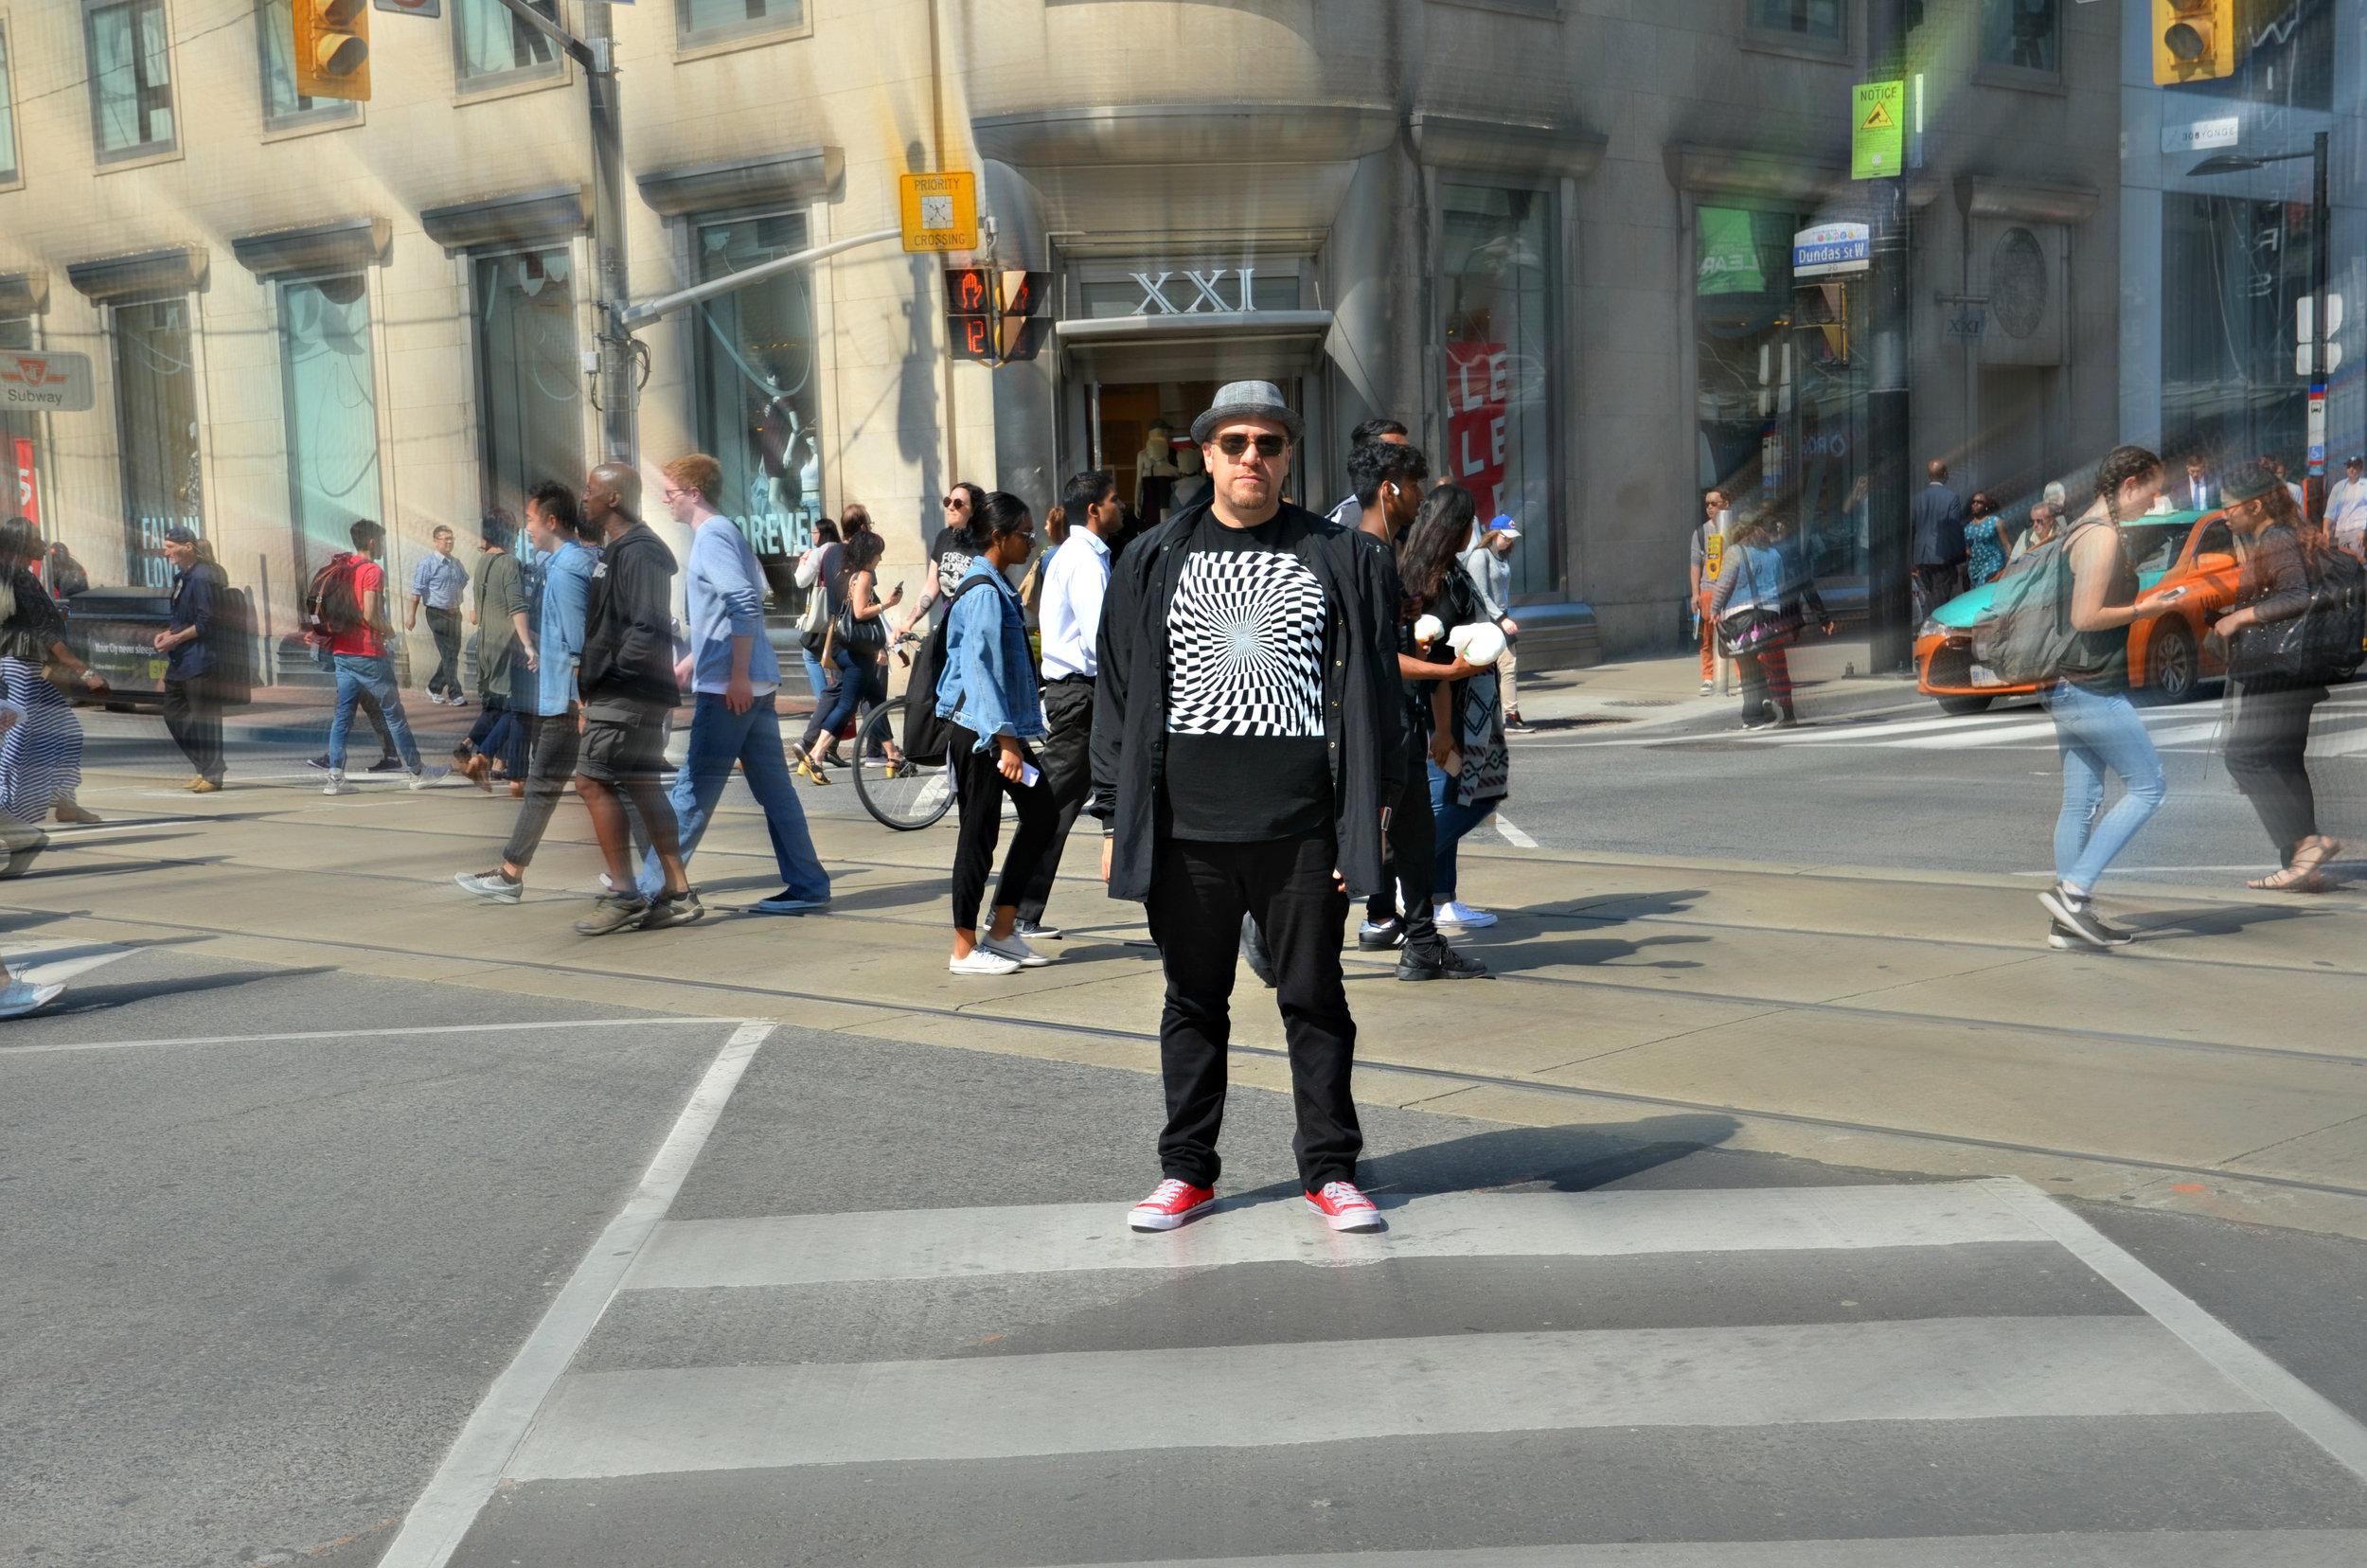 02_Robi Botos_Publicity Photo_Intersection (1).jpg